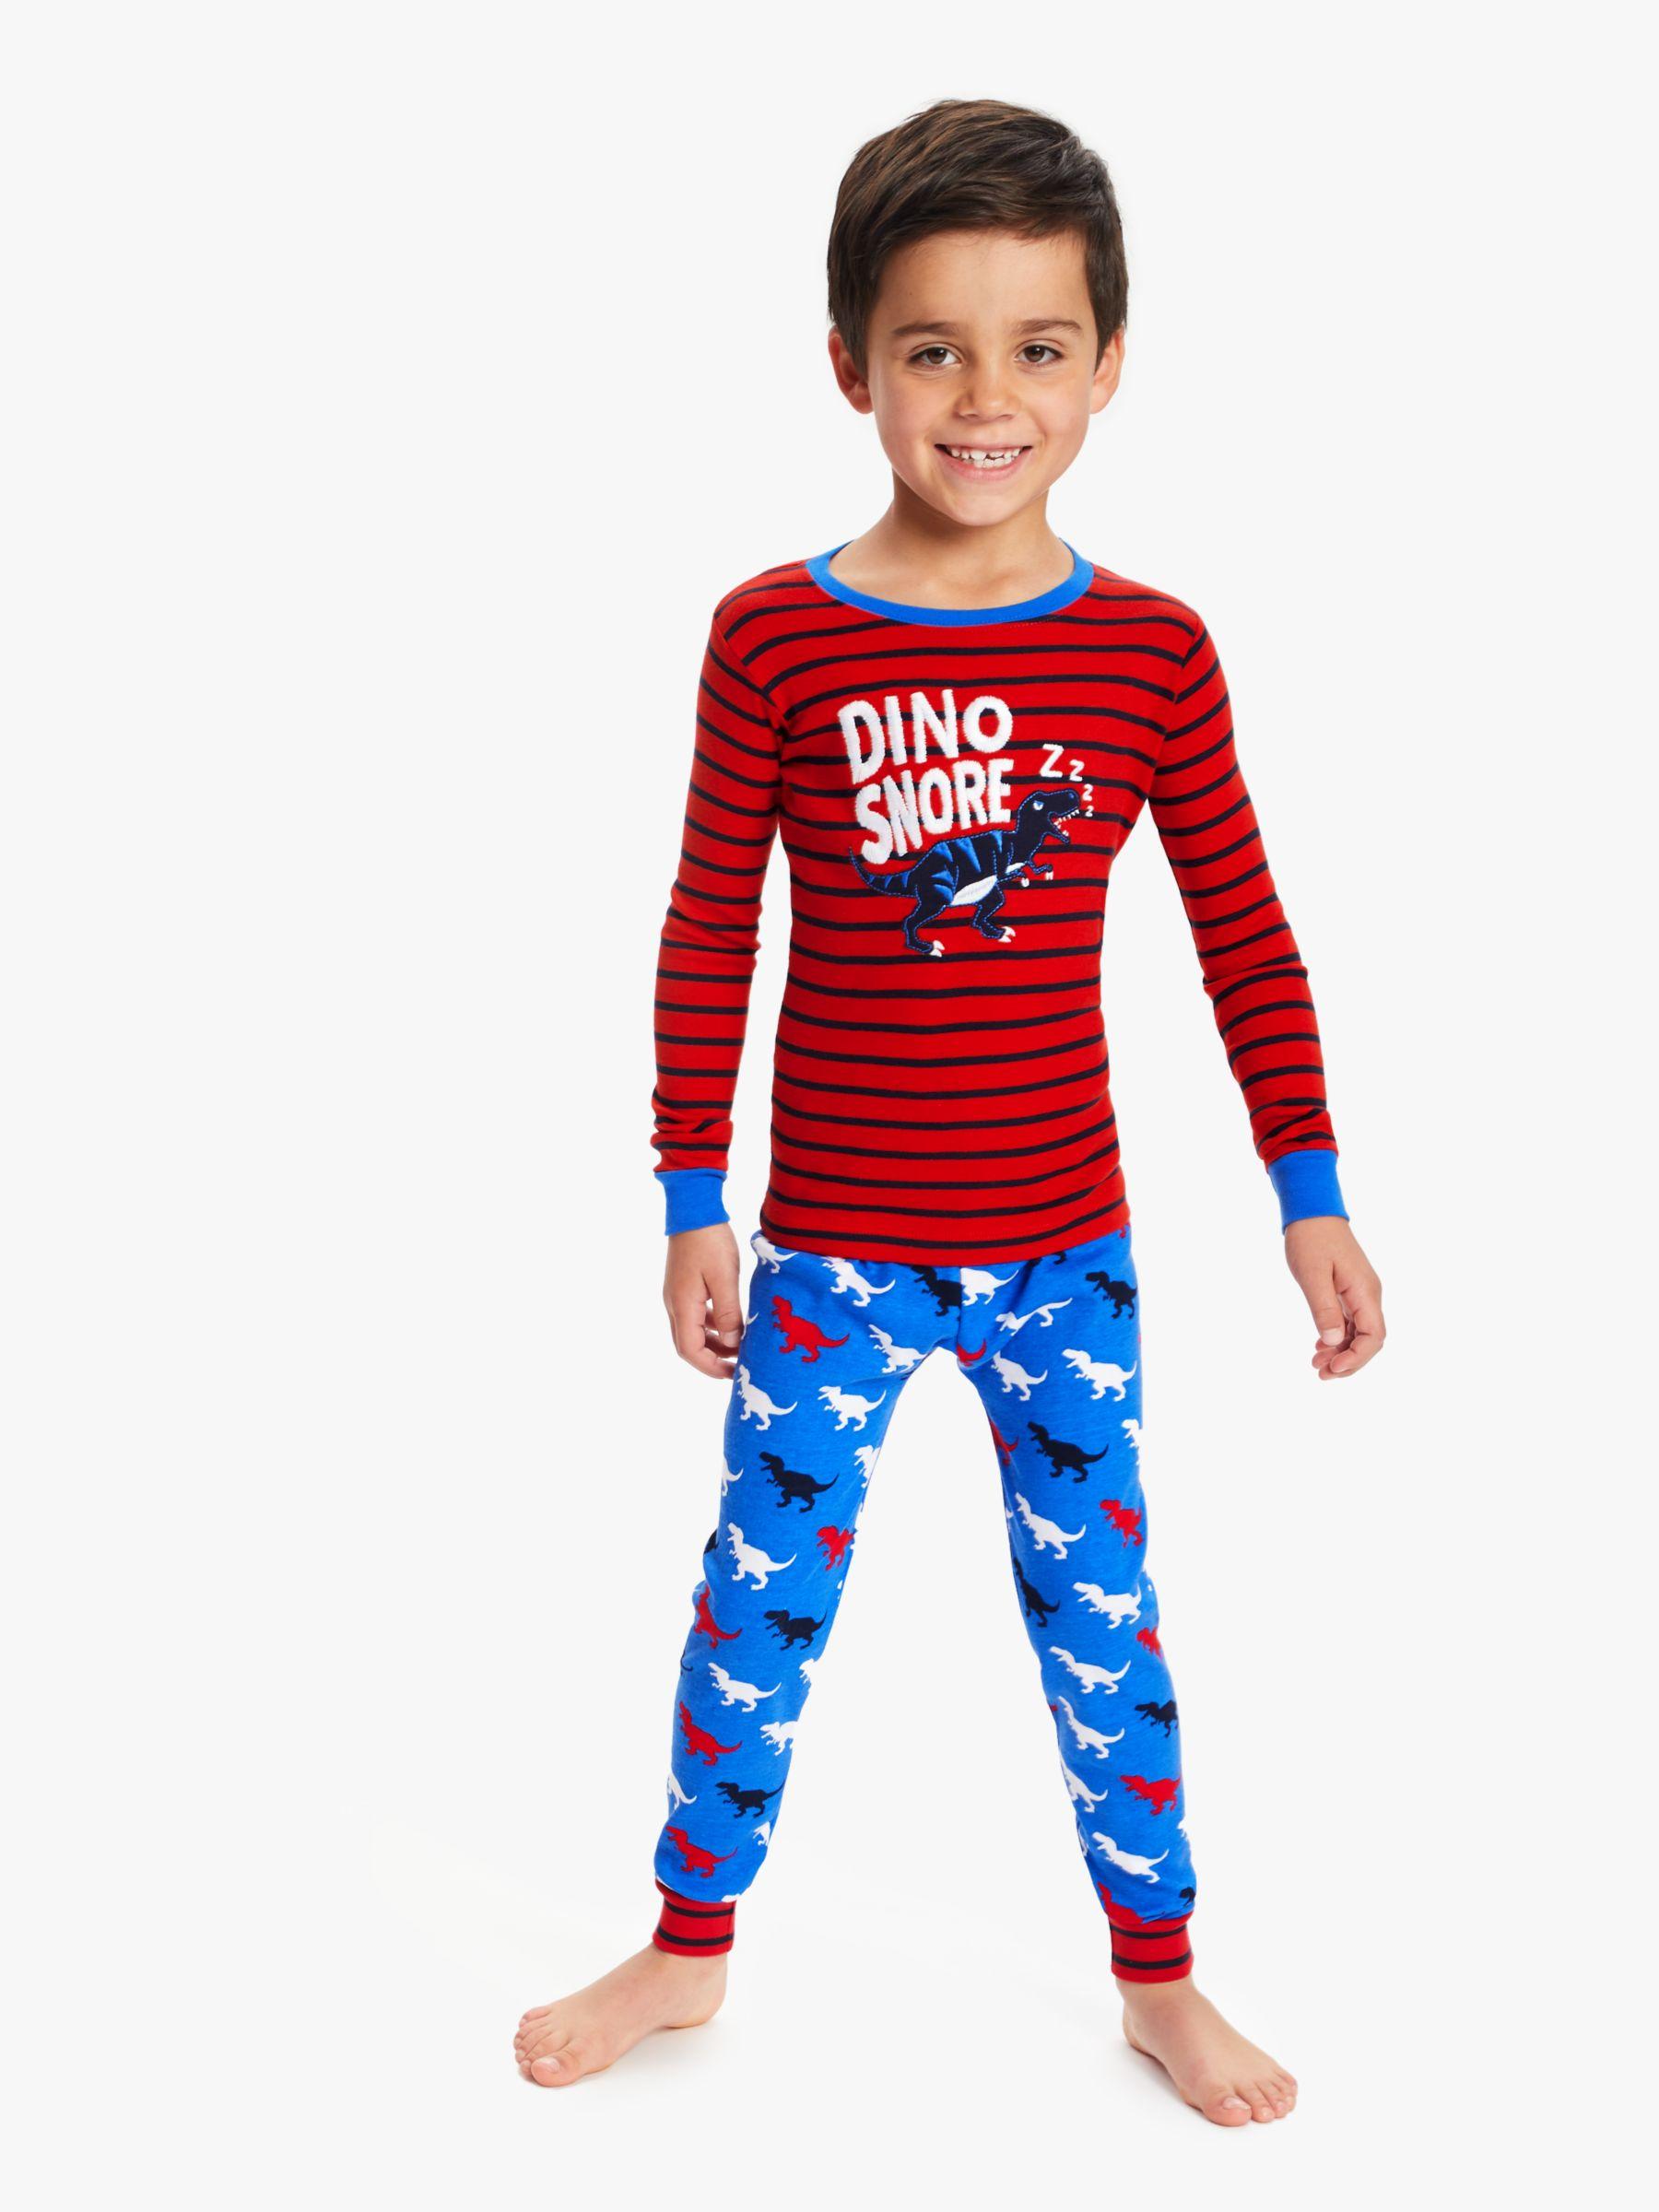 Hatley Hatley Boys' T-Rex Dinosaur Applique Pyjamas, Red/Blue